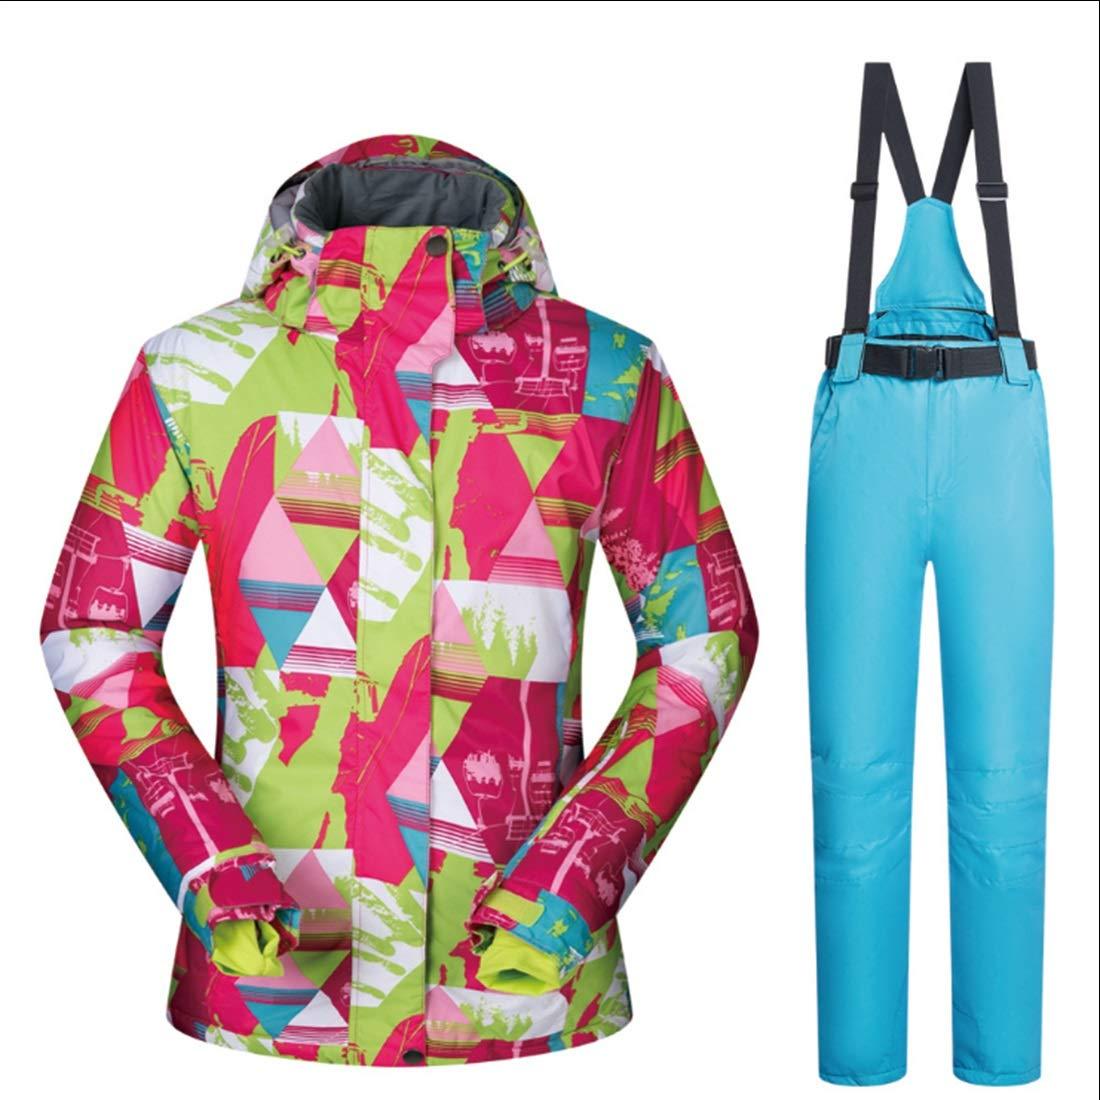 YUMUY Giacca da Sci Sci da da Snowboard Traspirante Impermeabile da Donna Under Zero Coat (Coloree   01, Dimensione   XL)B07K65NZ8GS 06 3e7e3e